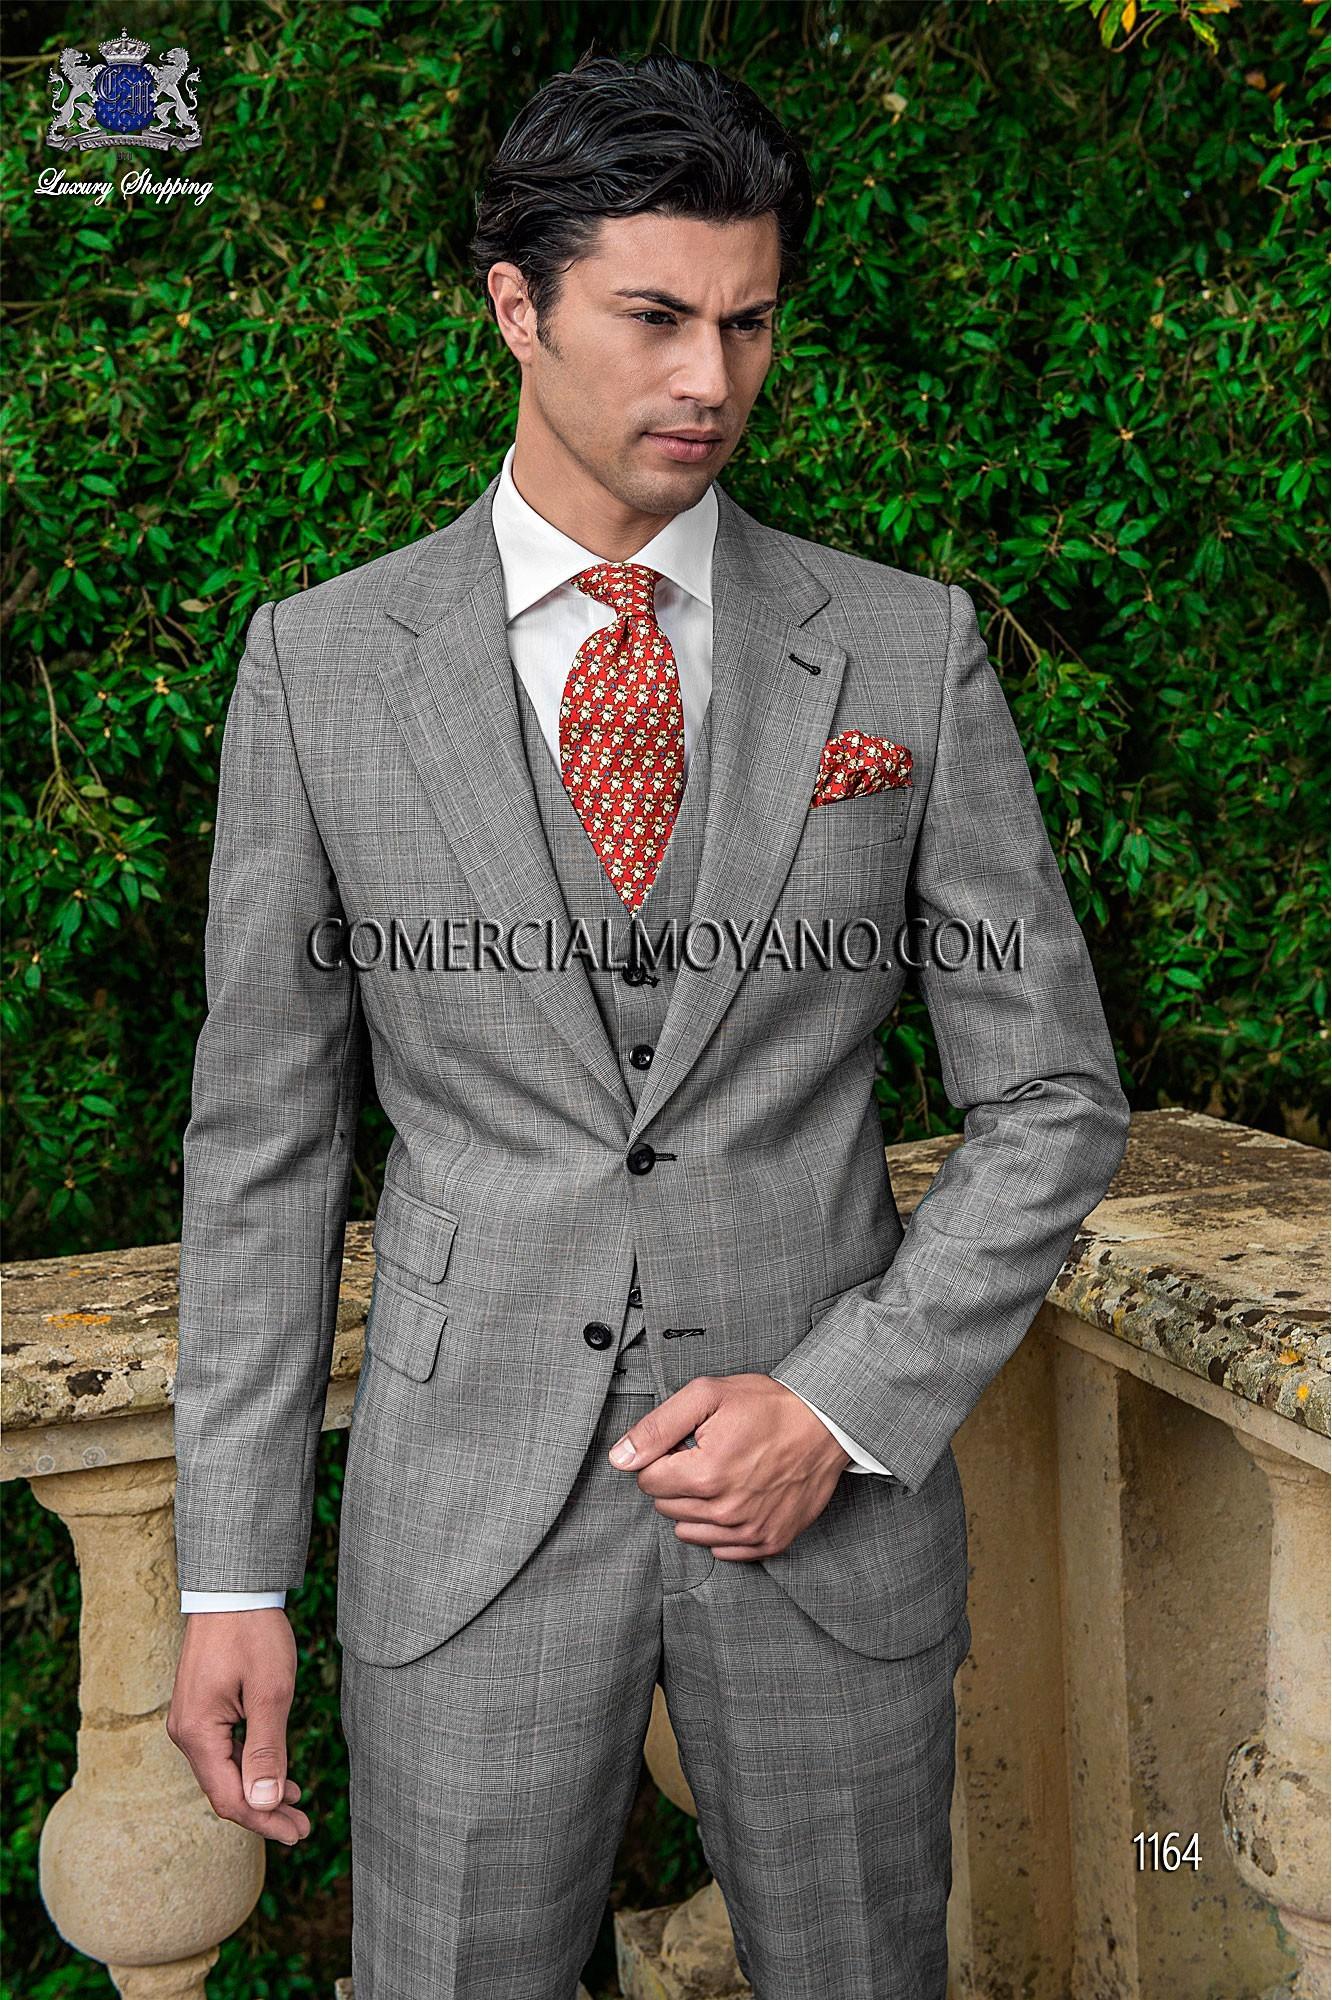 Gentleman gray prince of wales men wedding suit, model: 1164 Ottavio ...